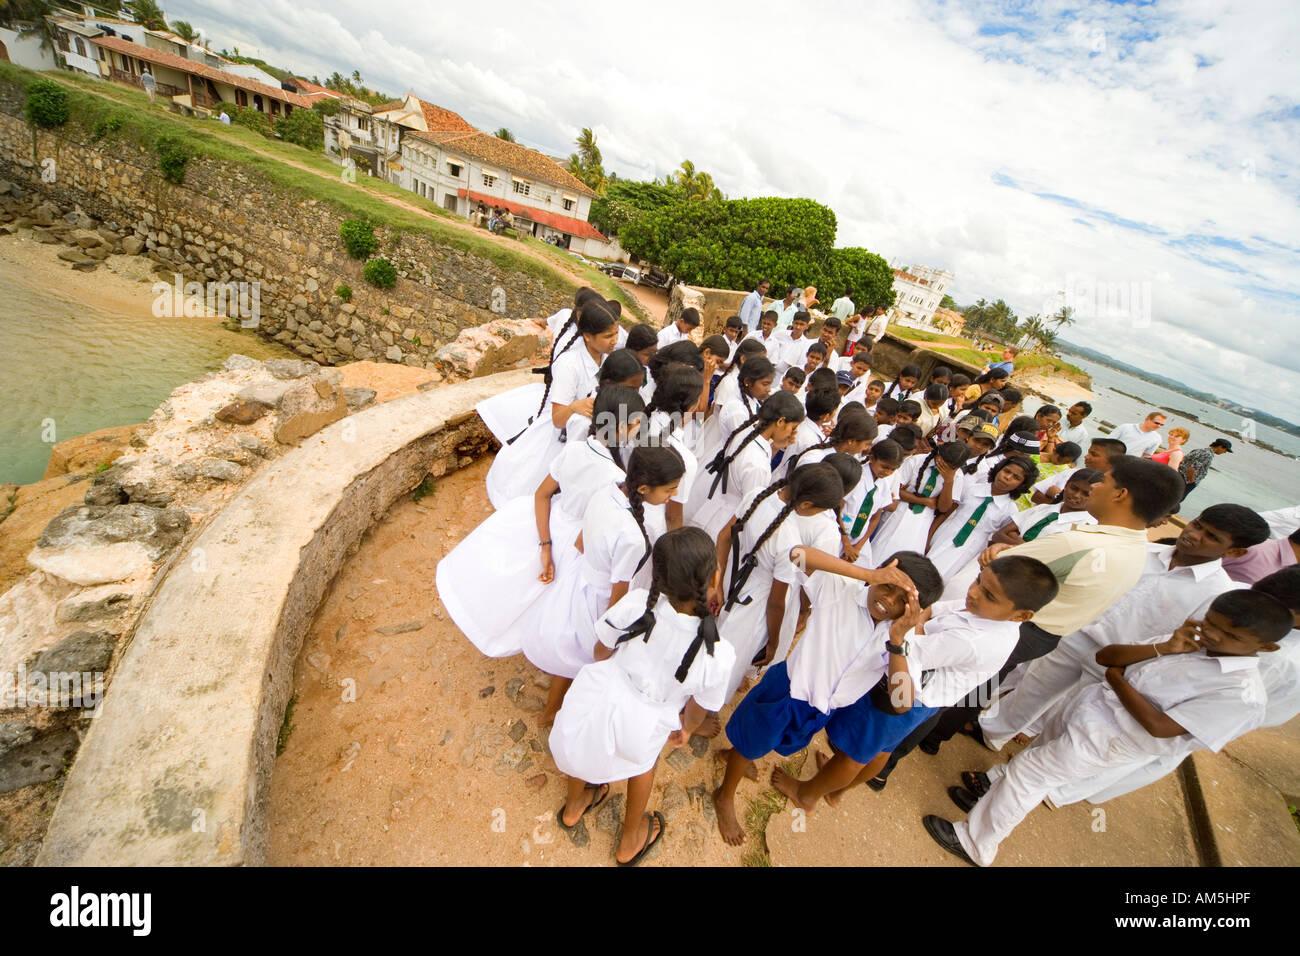 La clase de la escuela en un viaje de trabajo de campo sobre las murallas de uno de los bastiones de Galle Fort, en la costa sur de Sri Lanka. Marca Roca. Imagen De Stock